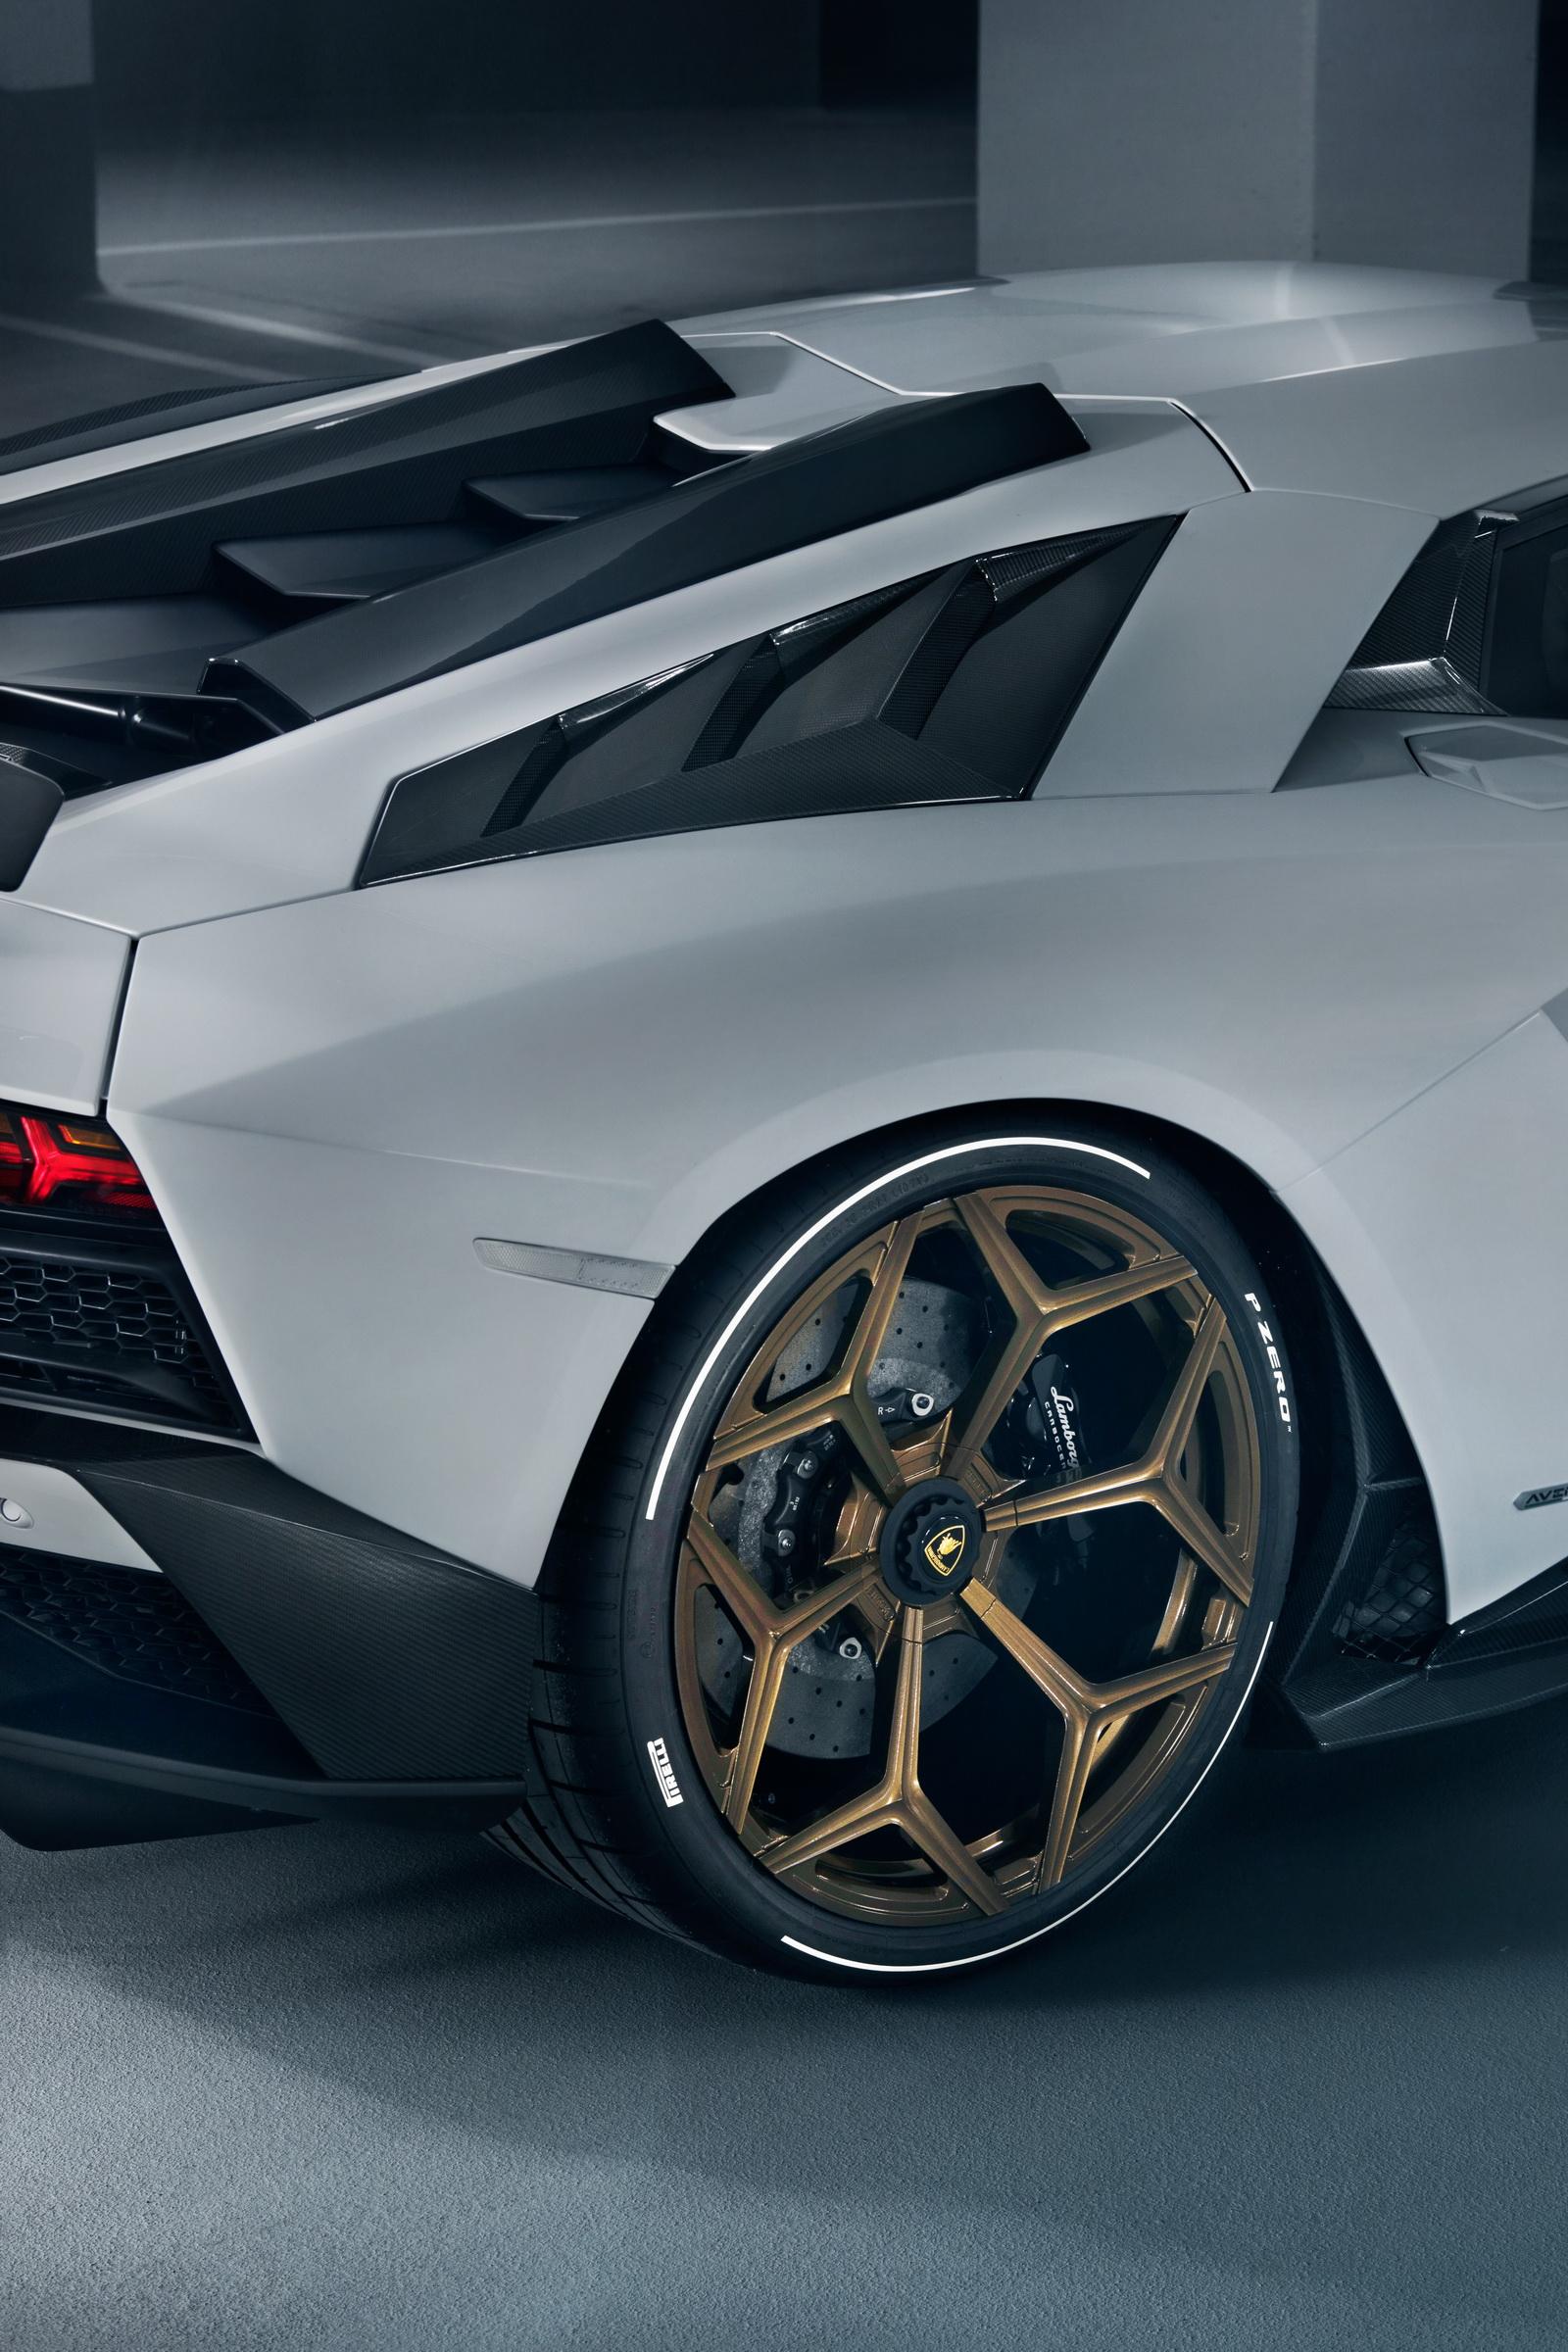 Lamborghini_Aventador_S_by_Novitec_0005